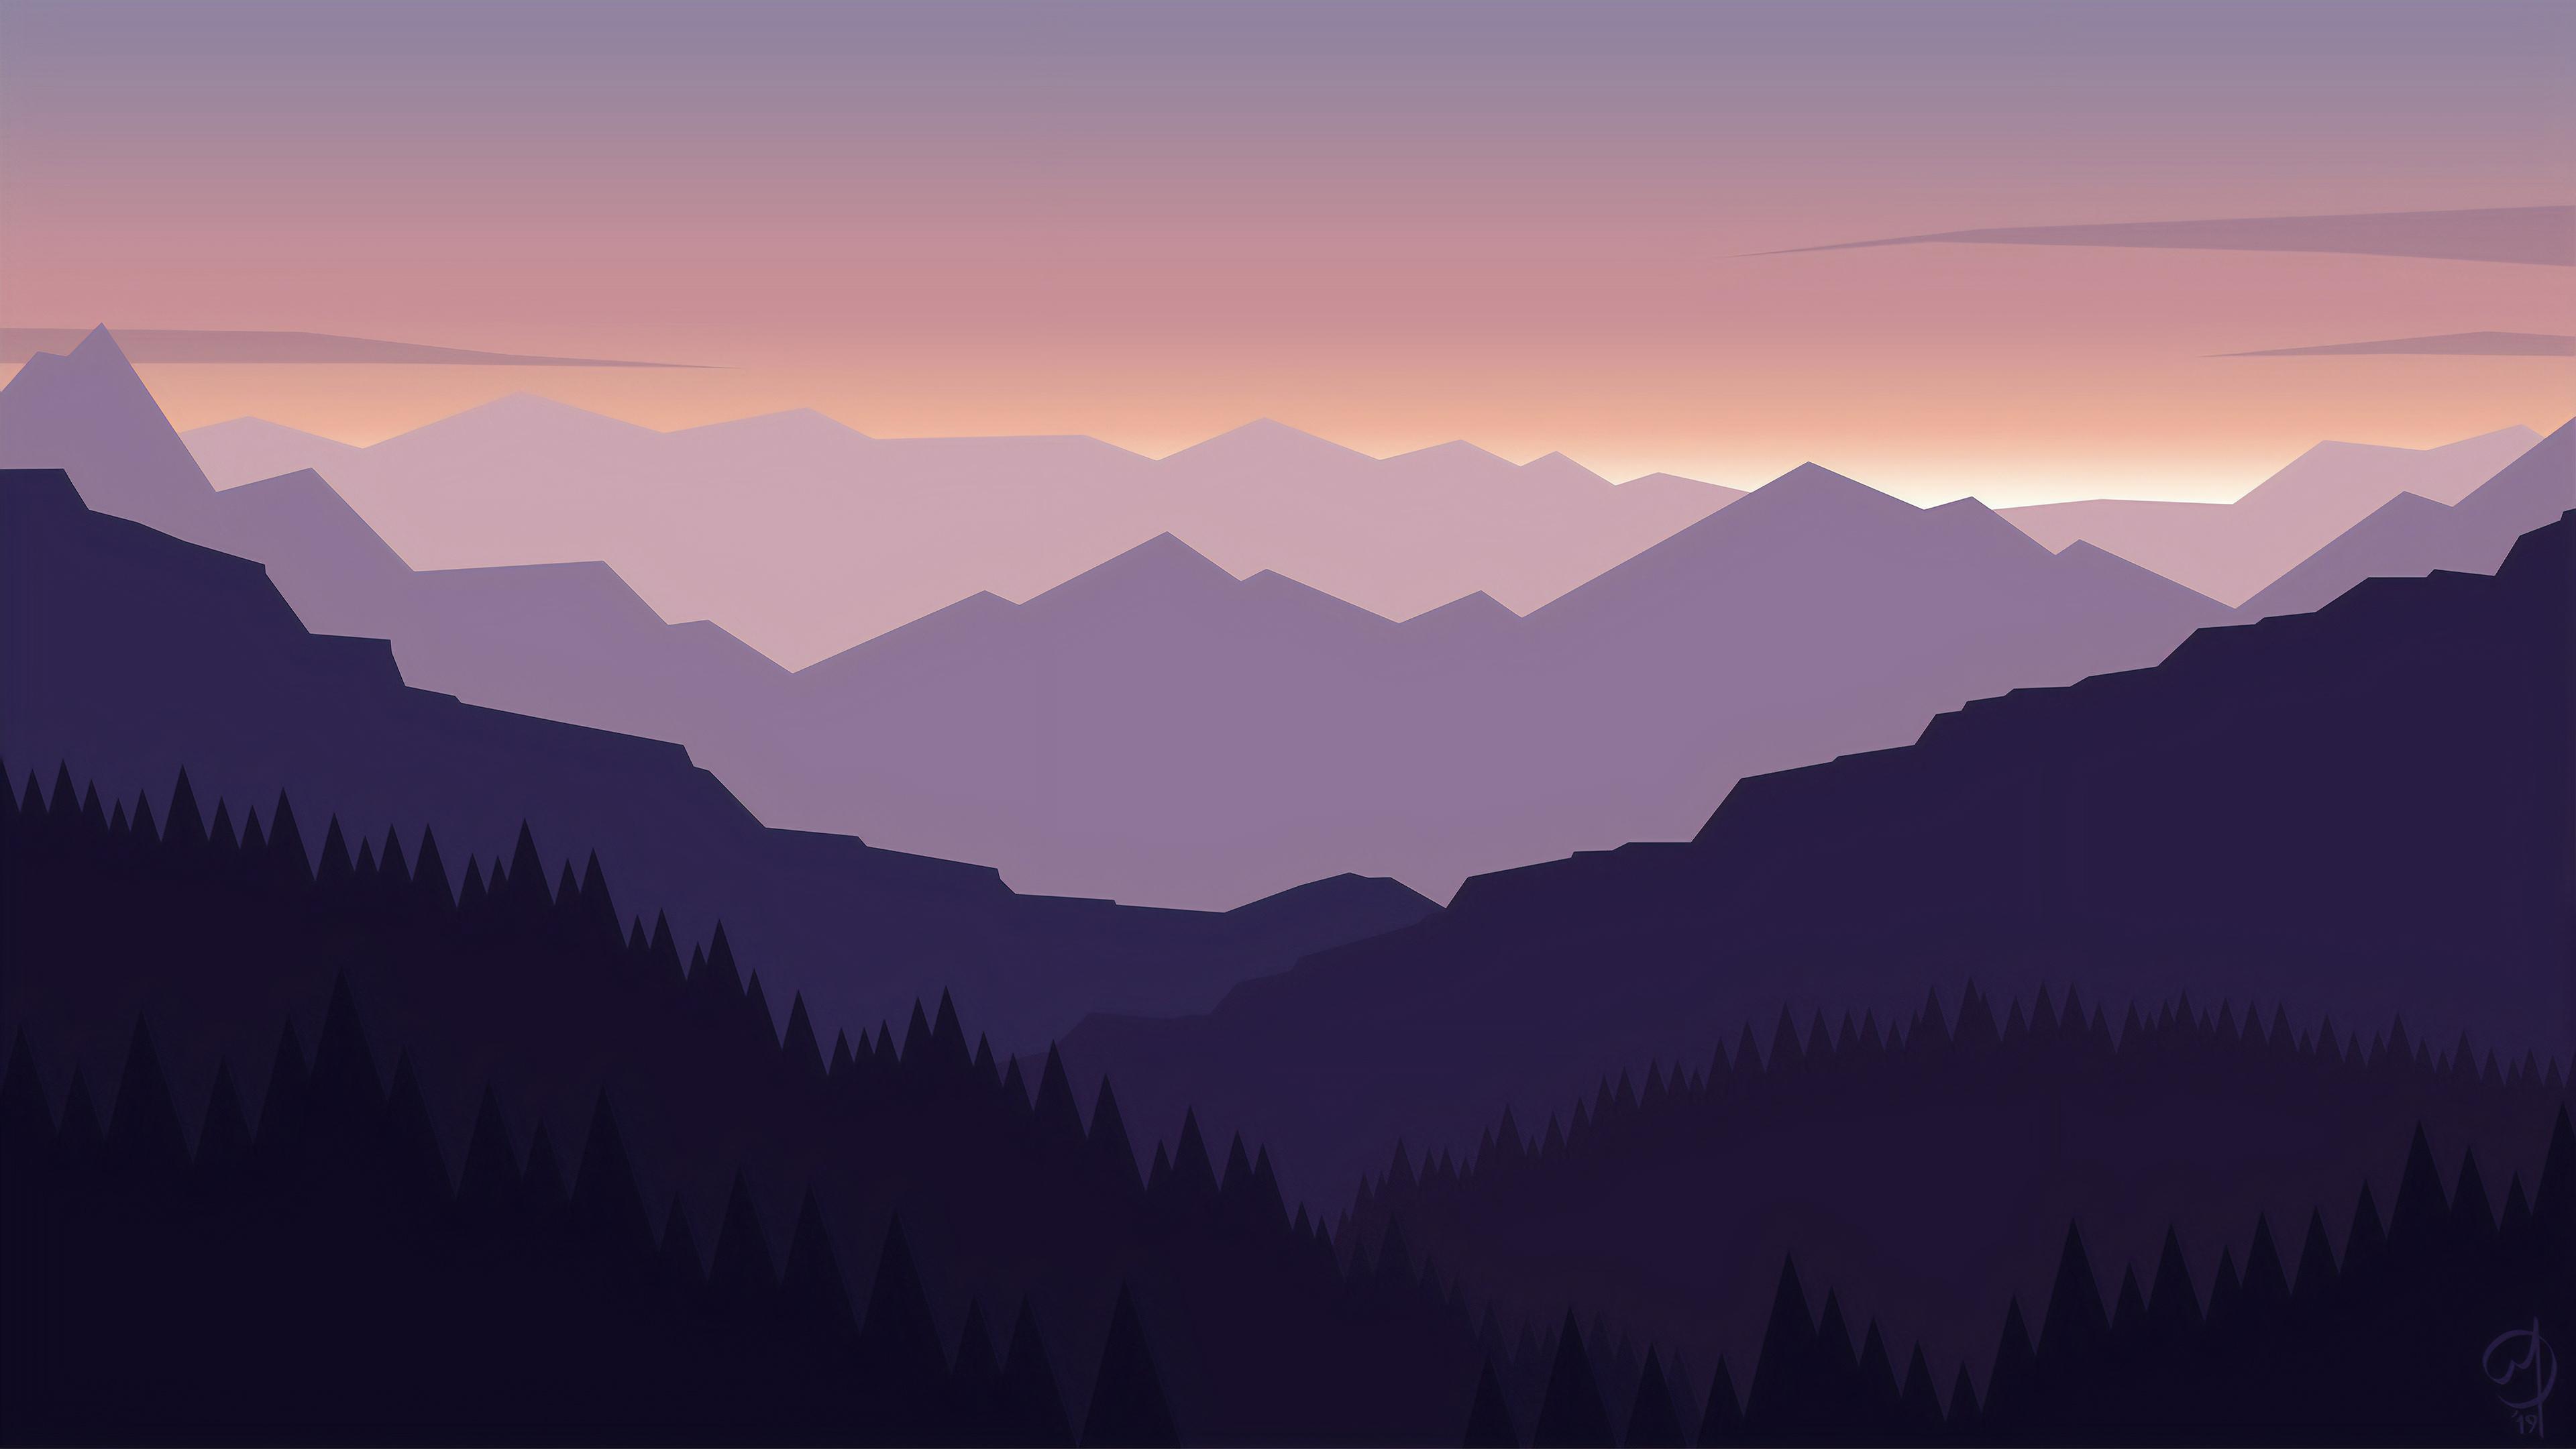 Minimal Landscape 4k Hd Artist 4k Wallpapers Images